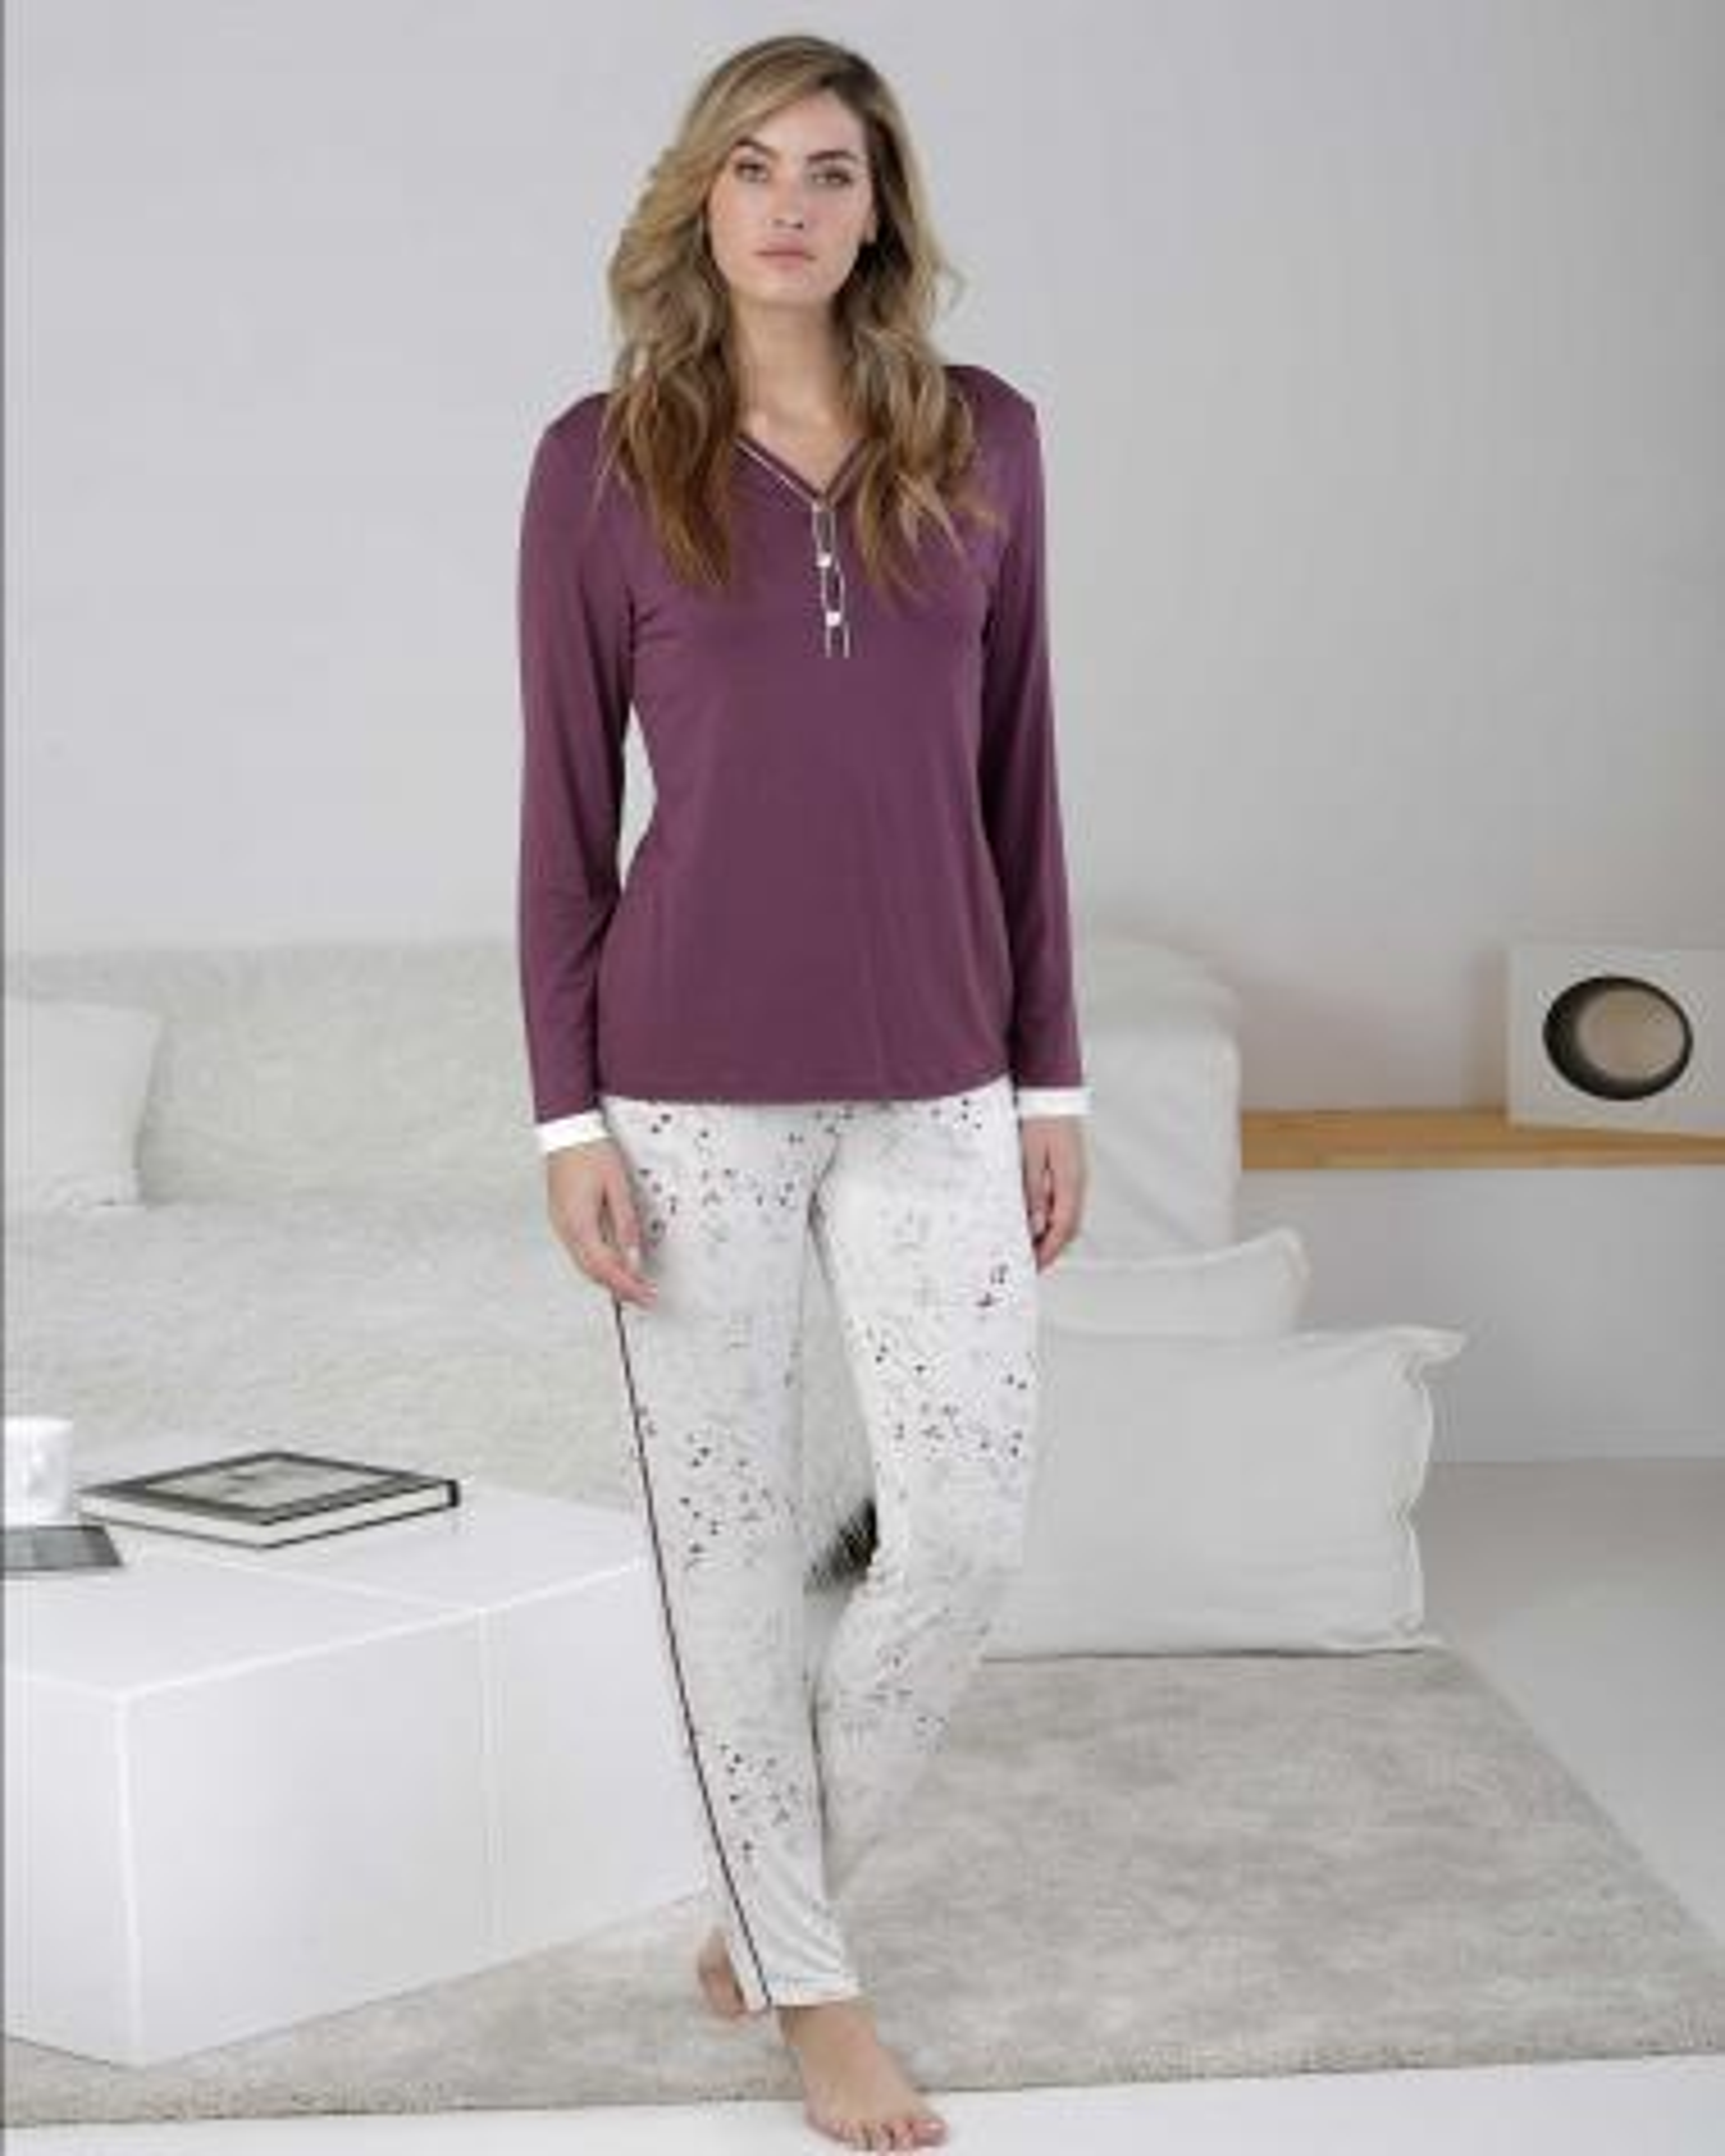 Pijama Señora Púrpura Massana TALLAS: m, l, xl; COLOR: morado oscuro  - Lencería noche  - PEPI GUERRA